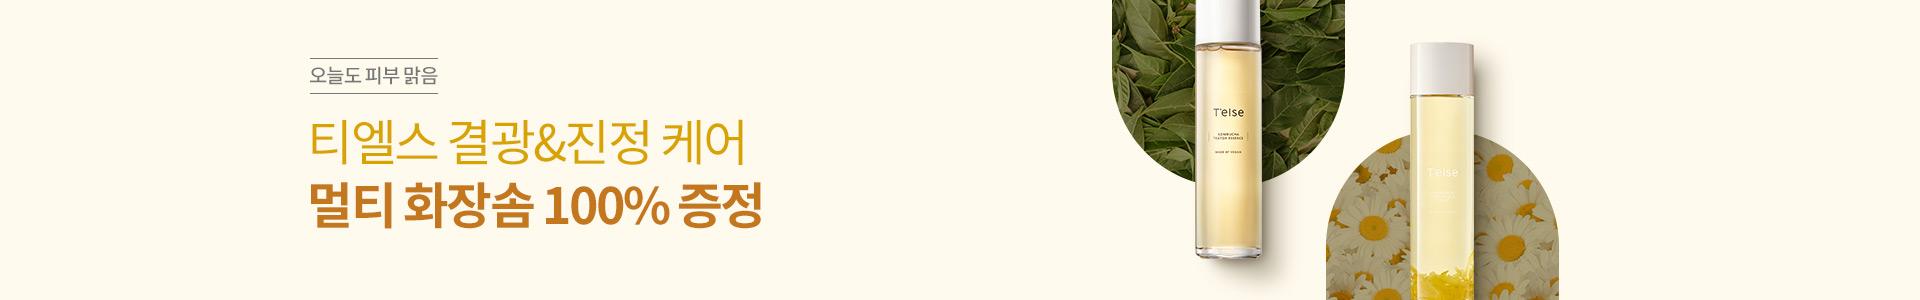 [티엘스] 멀티 화장솜 100% 증정